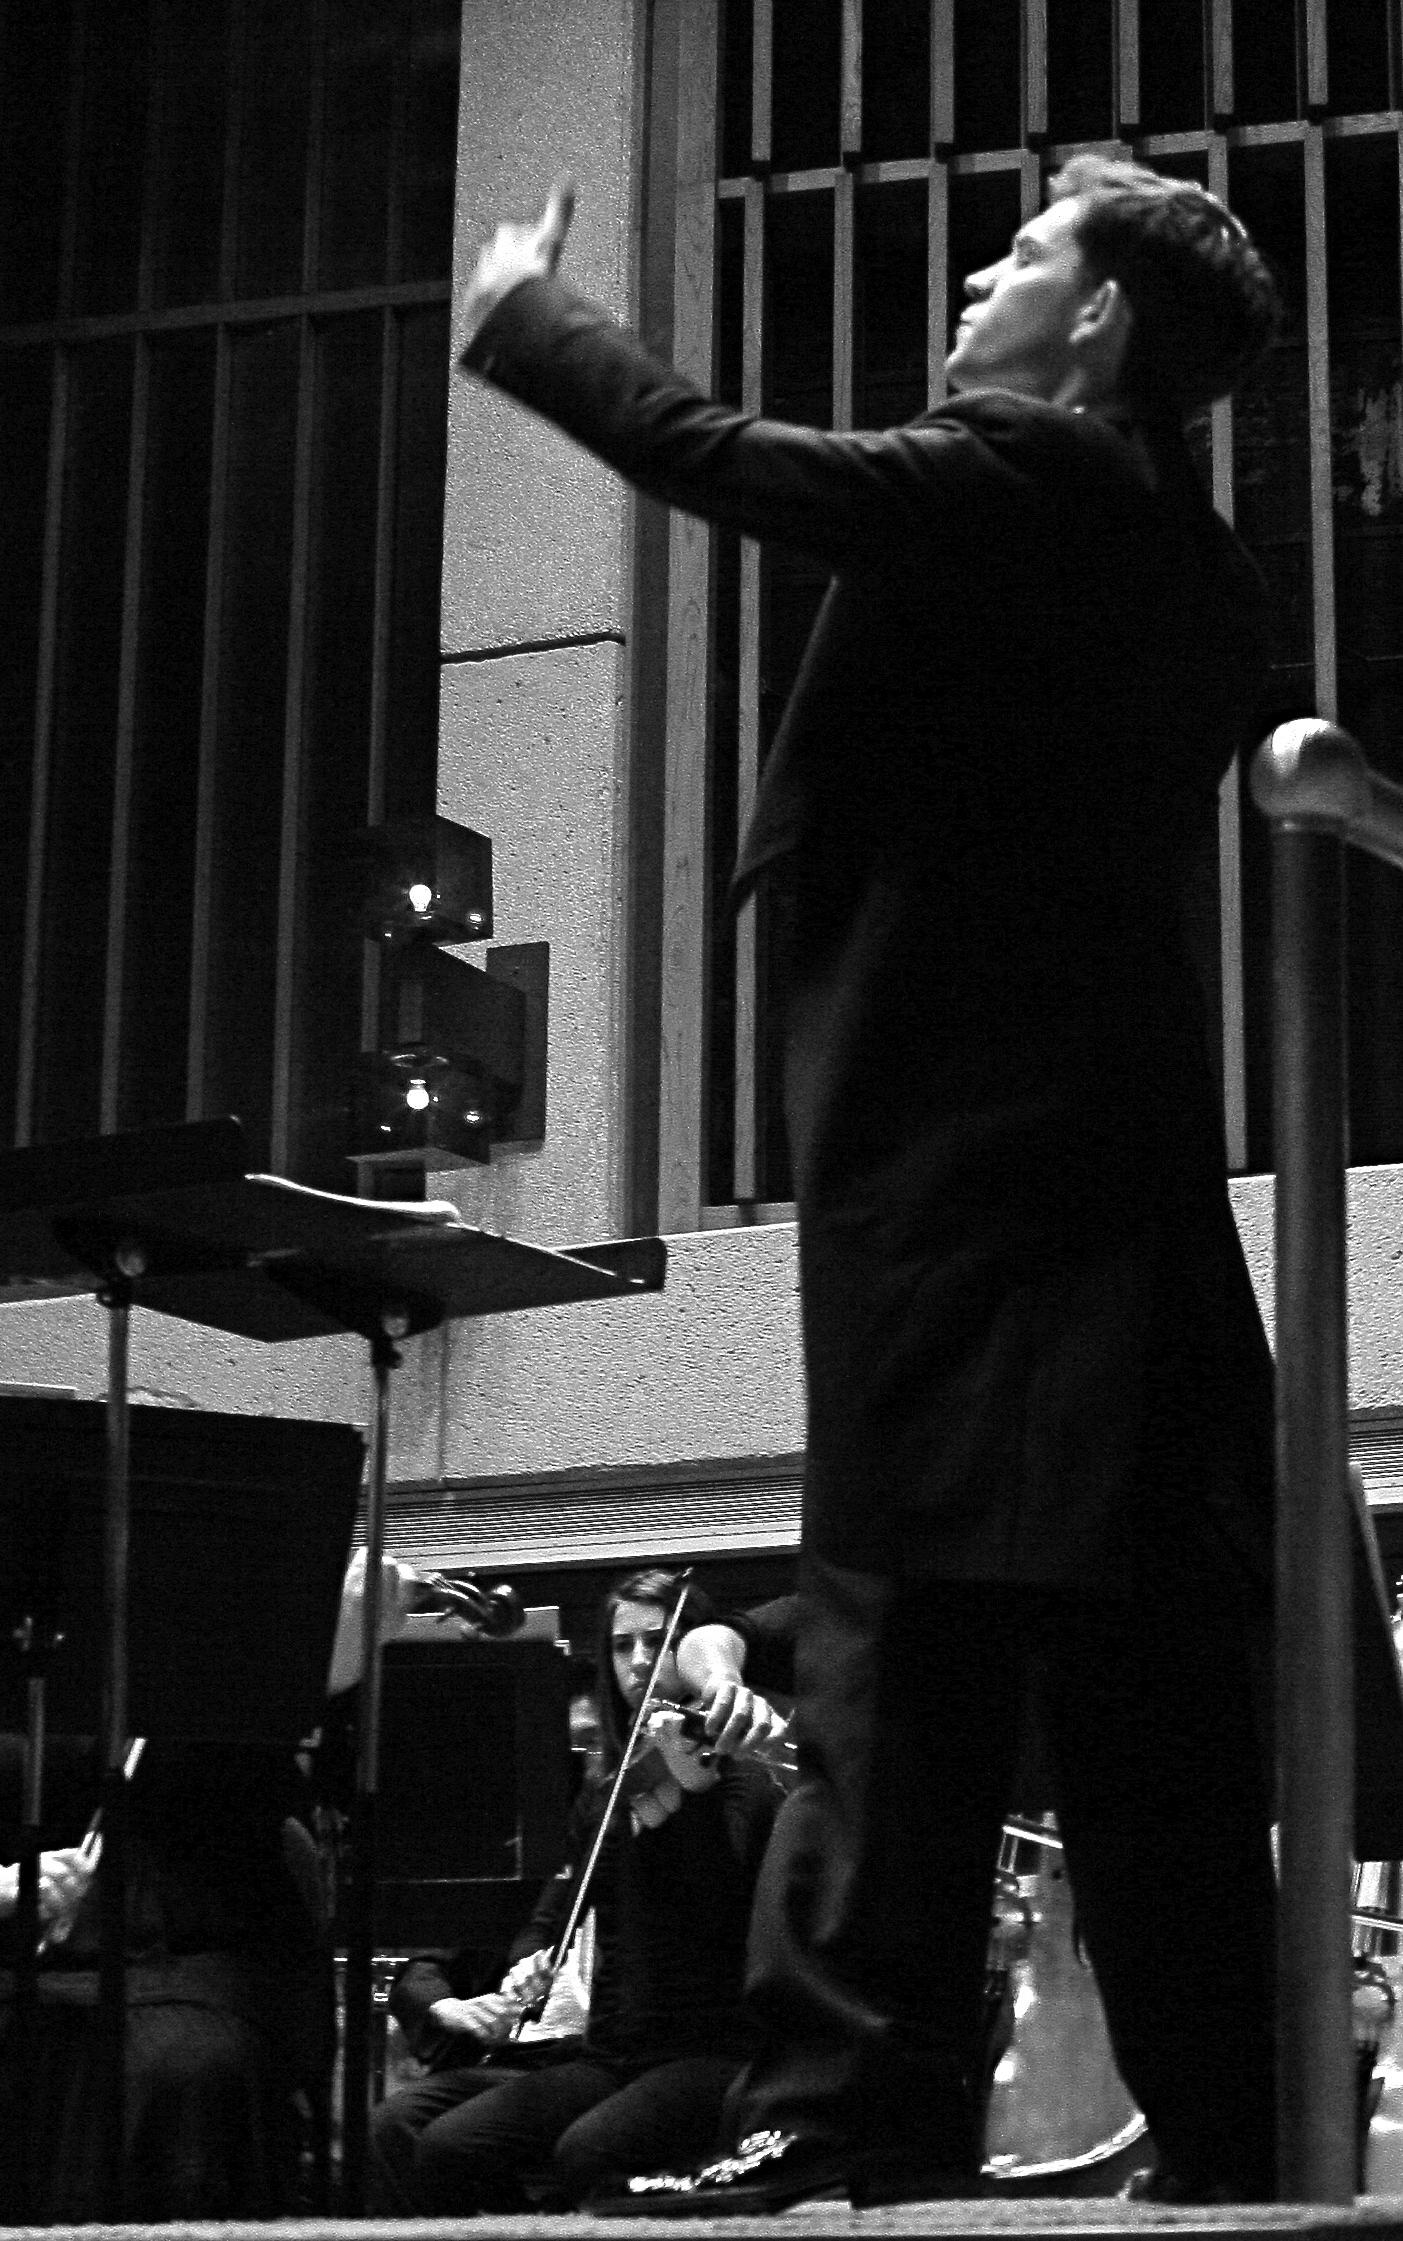 Richard McKay, Conductor, 2